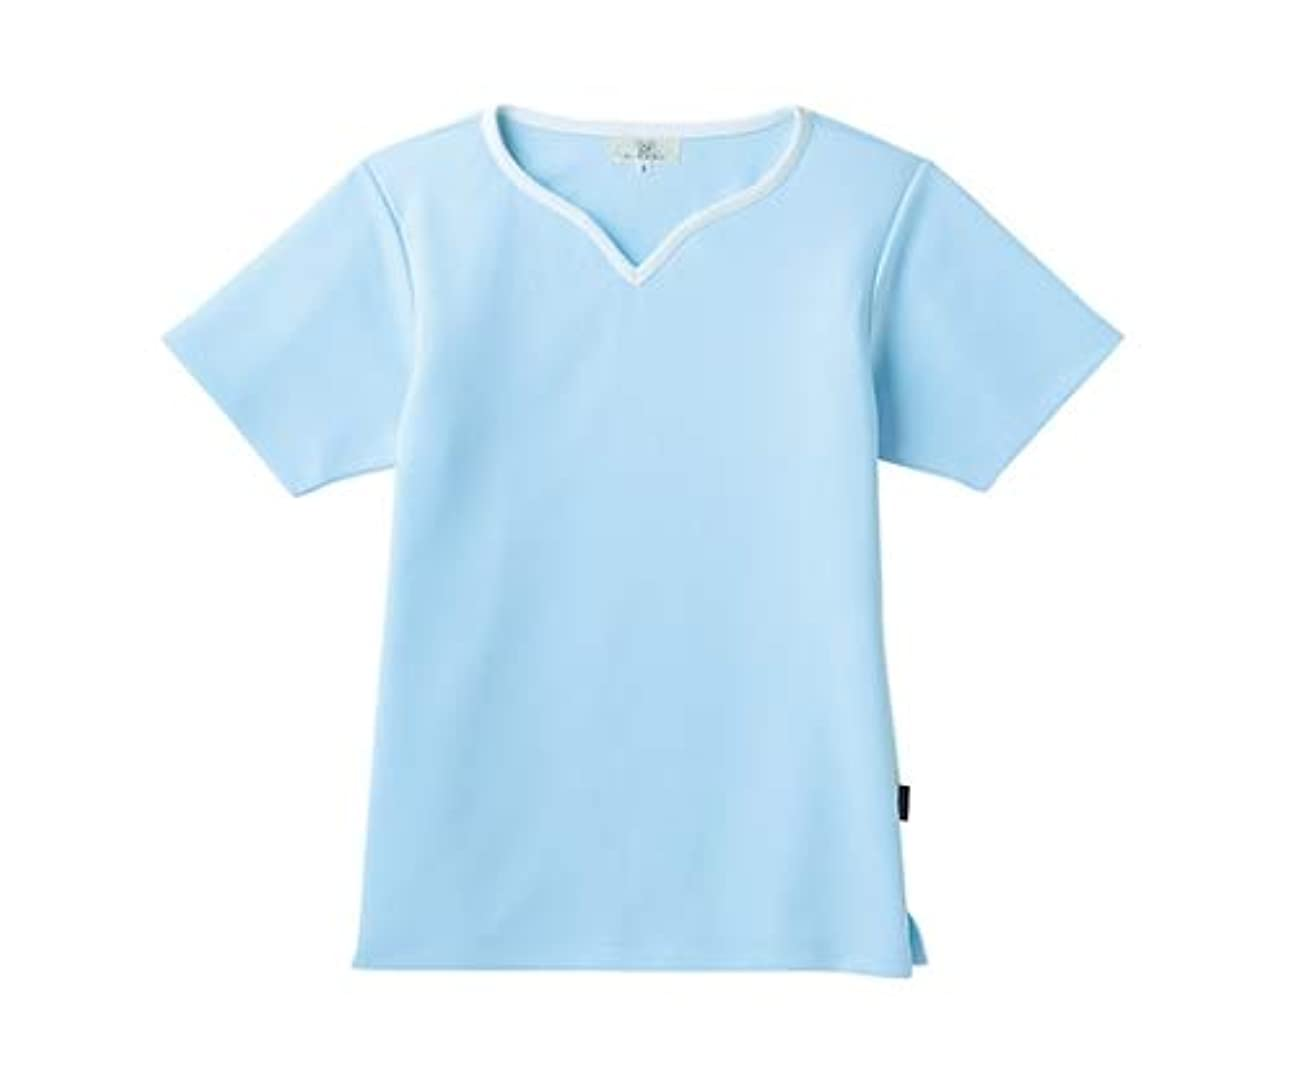 少なくとも変形思慮深いトンボ/KIRAKU レディス入浴介助用シャツ CR161 LL サックス